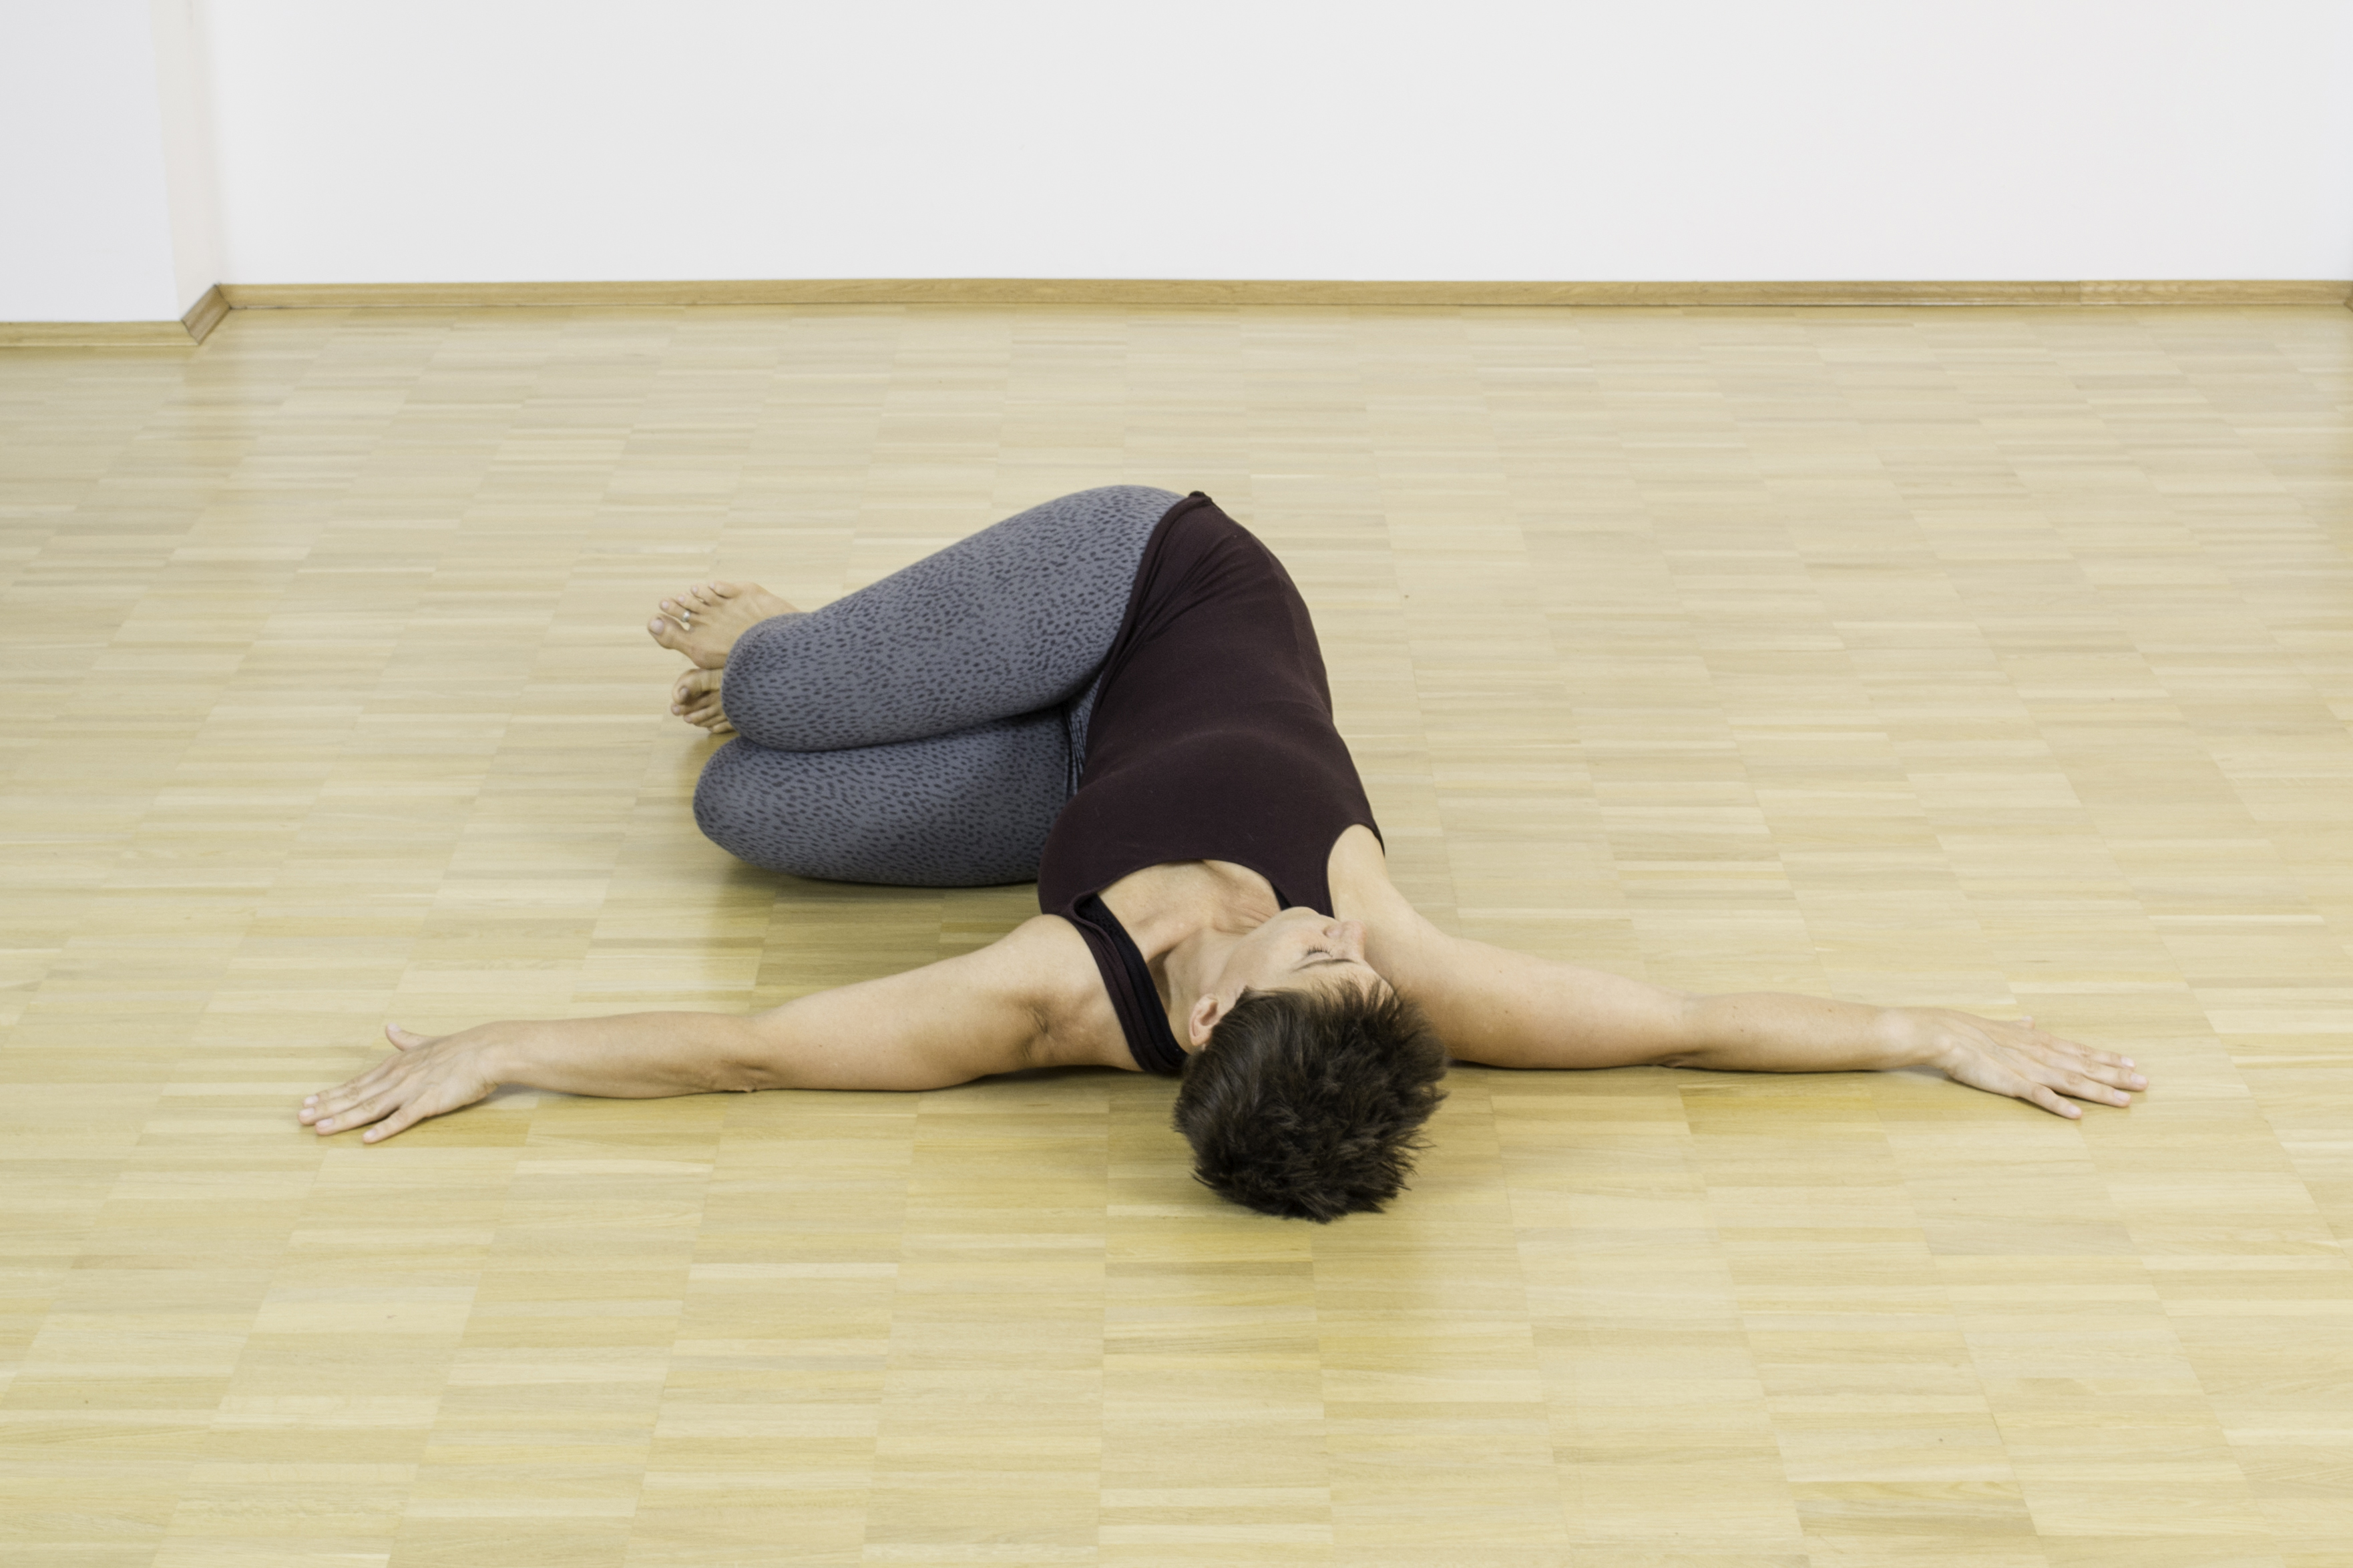 Das Krokodil ist eine ganz wunderbare Asana im Yoga, denn sie bietet dem unteren Rücken eine wundervolle Entlastung. Komme hierfür zunächst in Rückenlage und breite Deine Arme auf Schulterhöhe zu den Seiten aus. Winkel dann Deine Beine an und mache mit Deiner Hüfte einen kleinen Hosper nach rechts. Anschließend lässt Du Deine beiden Beine achtsam zur linken Seite sinken, Dein Blick geht zur rechten Seite. Achte darauf, dass Deine beiden Schultern auf dem Boden bleiben. Lasse mit jeder Ausatmung mehr los. Halte diese Asana etwa 8 tiefe Atmezüge. Drehe Dich dann einatmen zur Mitte zurück, wechsele die Seiten und lasse ausatmend die Beine zur rechten Seite fallen, Dein Blick geht nach links.